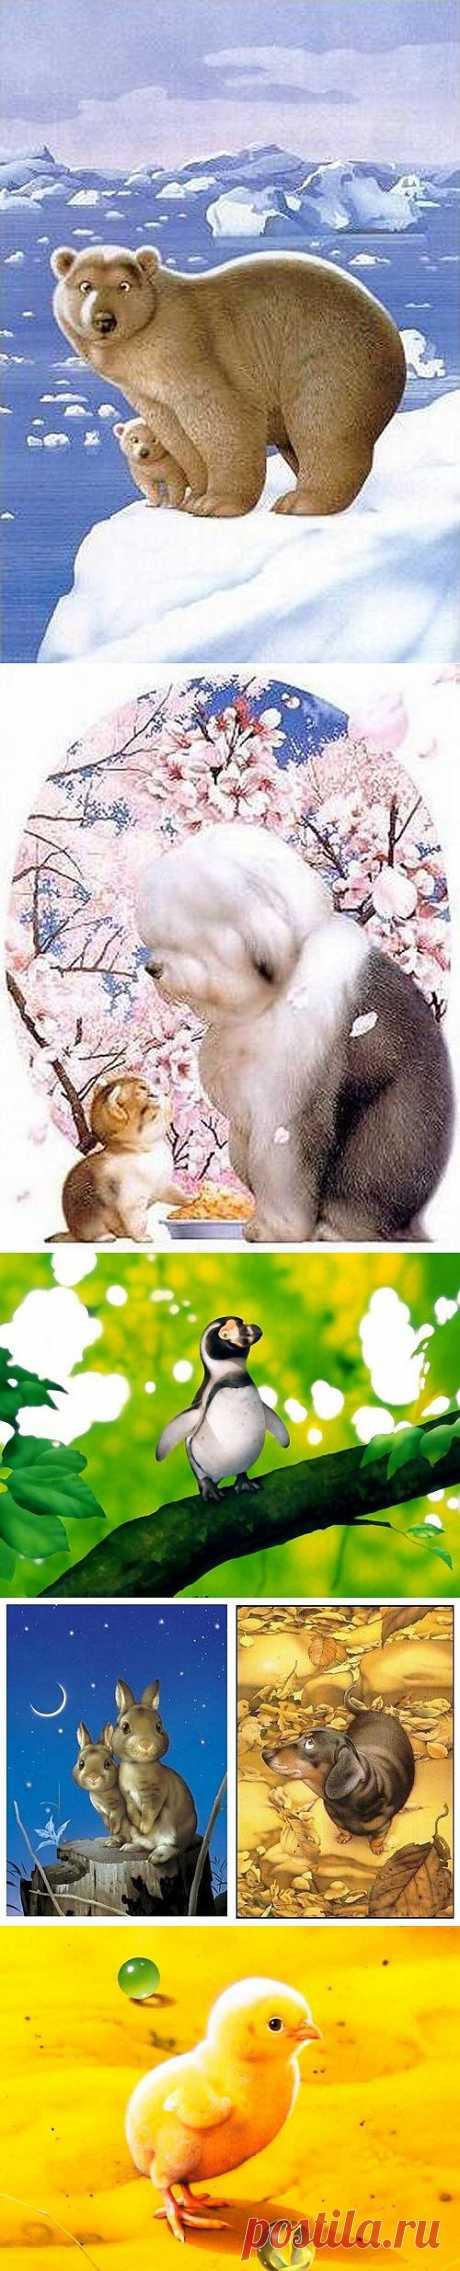 Милые зверушки японского художника Makoto Muramatsu. Макото Мураматсу еще с детства увлекался  рисованием, рисуя все, что попадалось ему под руку, в основном это были животные, которые гуляли возле его дома. Окончив школу, он поступил в  Японский Университет Искусств. По словам Мураматсу, он очень любит  животных, он любит их всех; ведь тогда бы в его архиве не было бы  картин с сусликами, птичками, лягушками, хрюшками и прочей живностью.